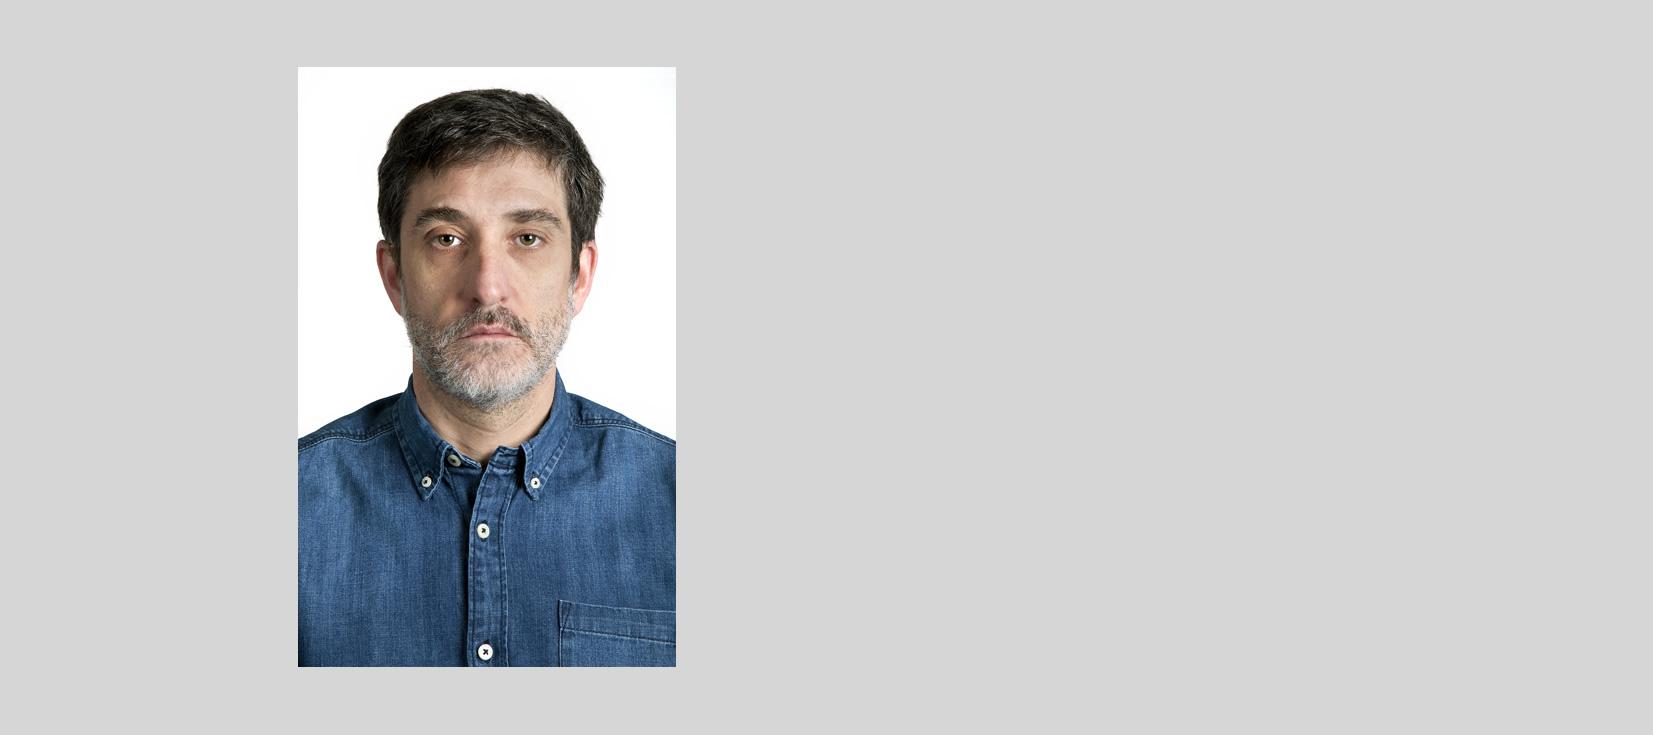 Miguel Vallinas